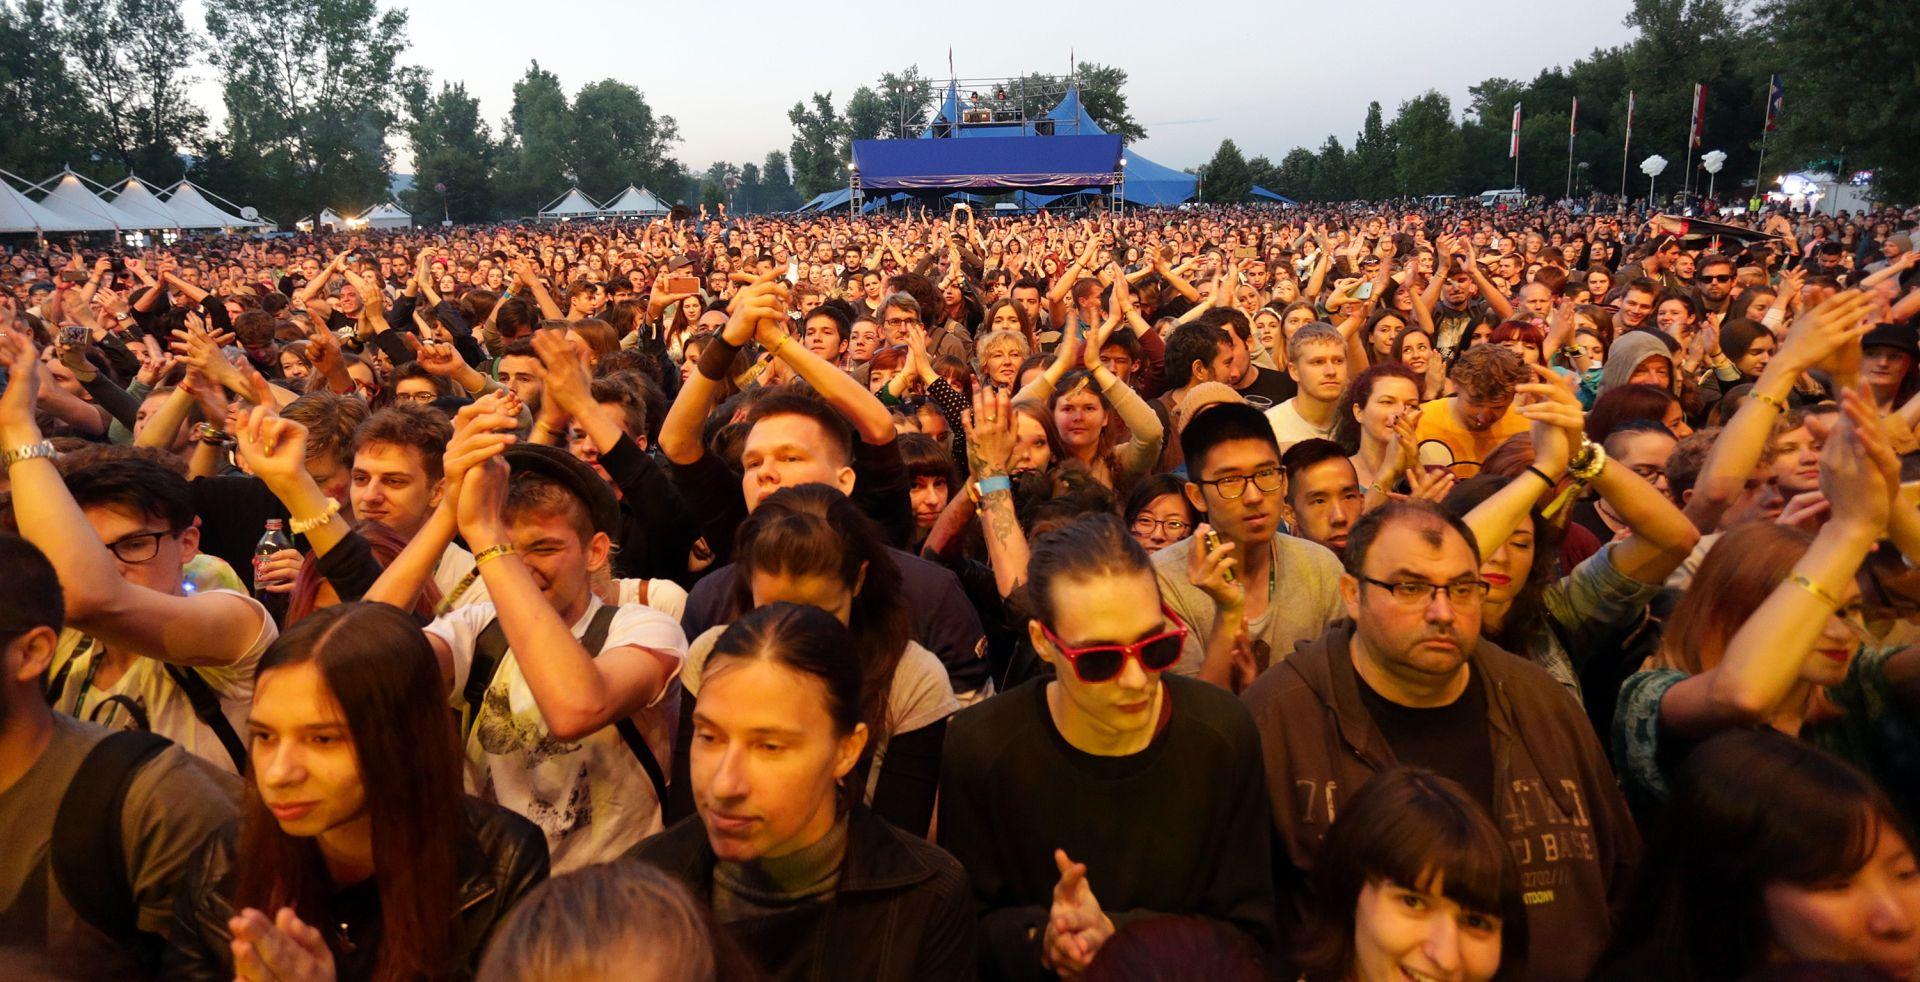 INmusic festival očekuje 80.000 posjetitelja na trodnevnom glazbenom slavlju